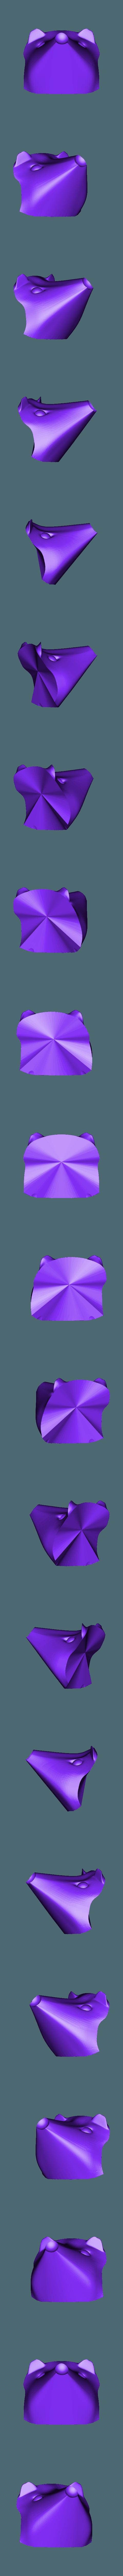 riccio_piccolo v7_riccio_piccolo v7_giallo_riccio_piccolo v7.stl Download STL file hedgehog  • Object to 3D print, Stenoxp